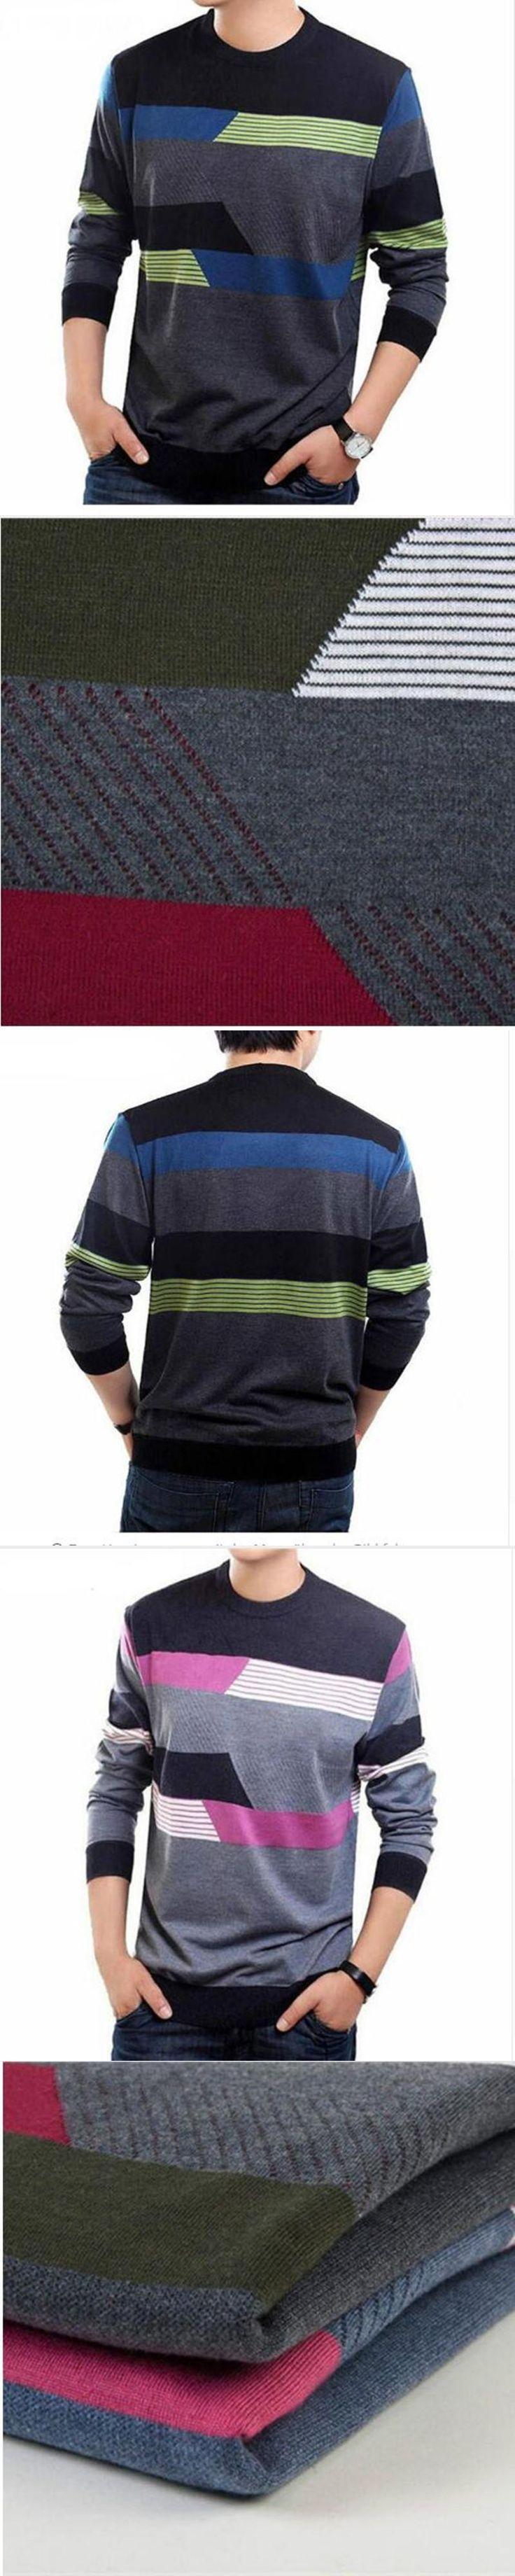 Manner Winter Kaschmir Wolle Pullover Marke Kleidung Herren Pullover Fashion Drucken Freizeithemd Pullover Manner Ziehen Oansatz